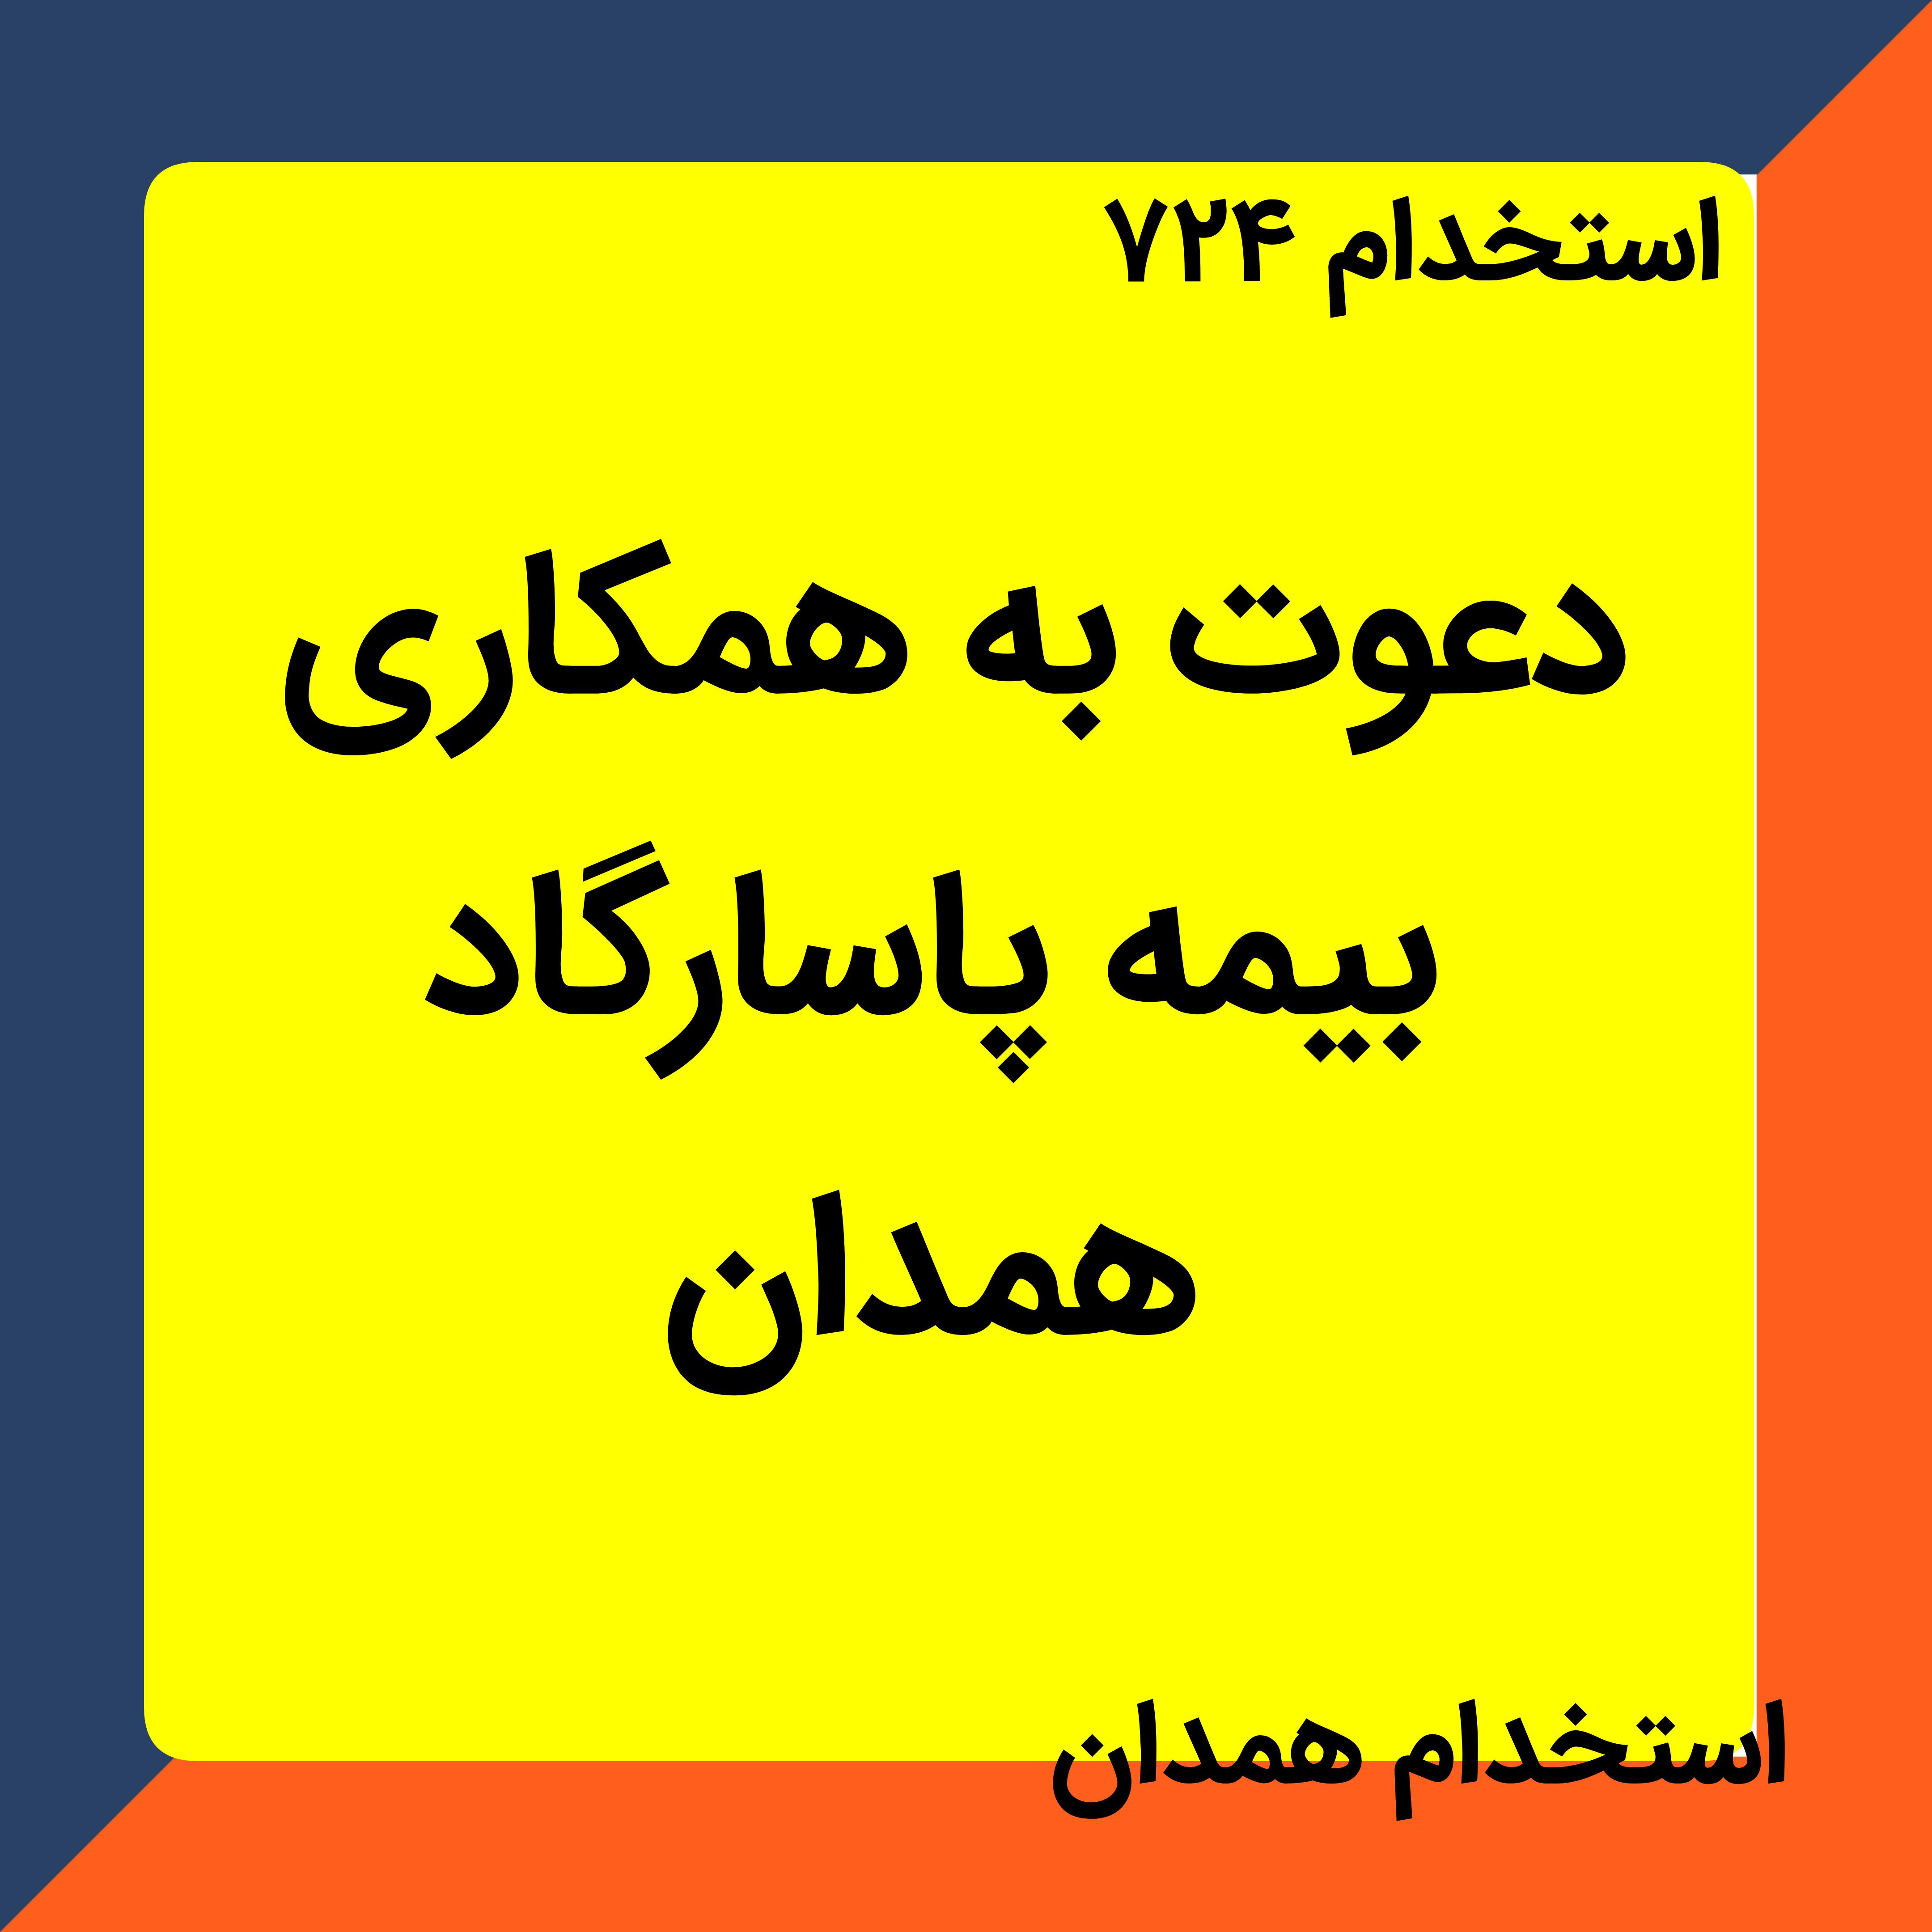 اعطای نمایندگی رسمی بیمه پاسارگاد: